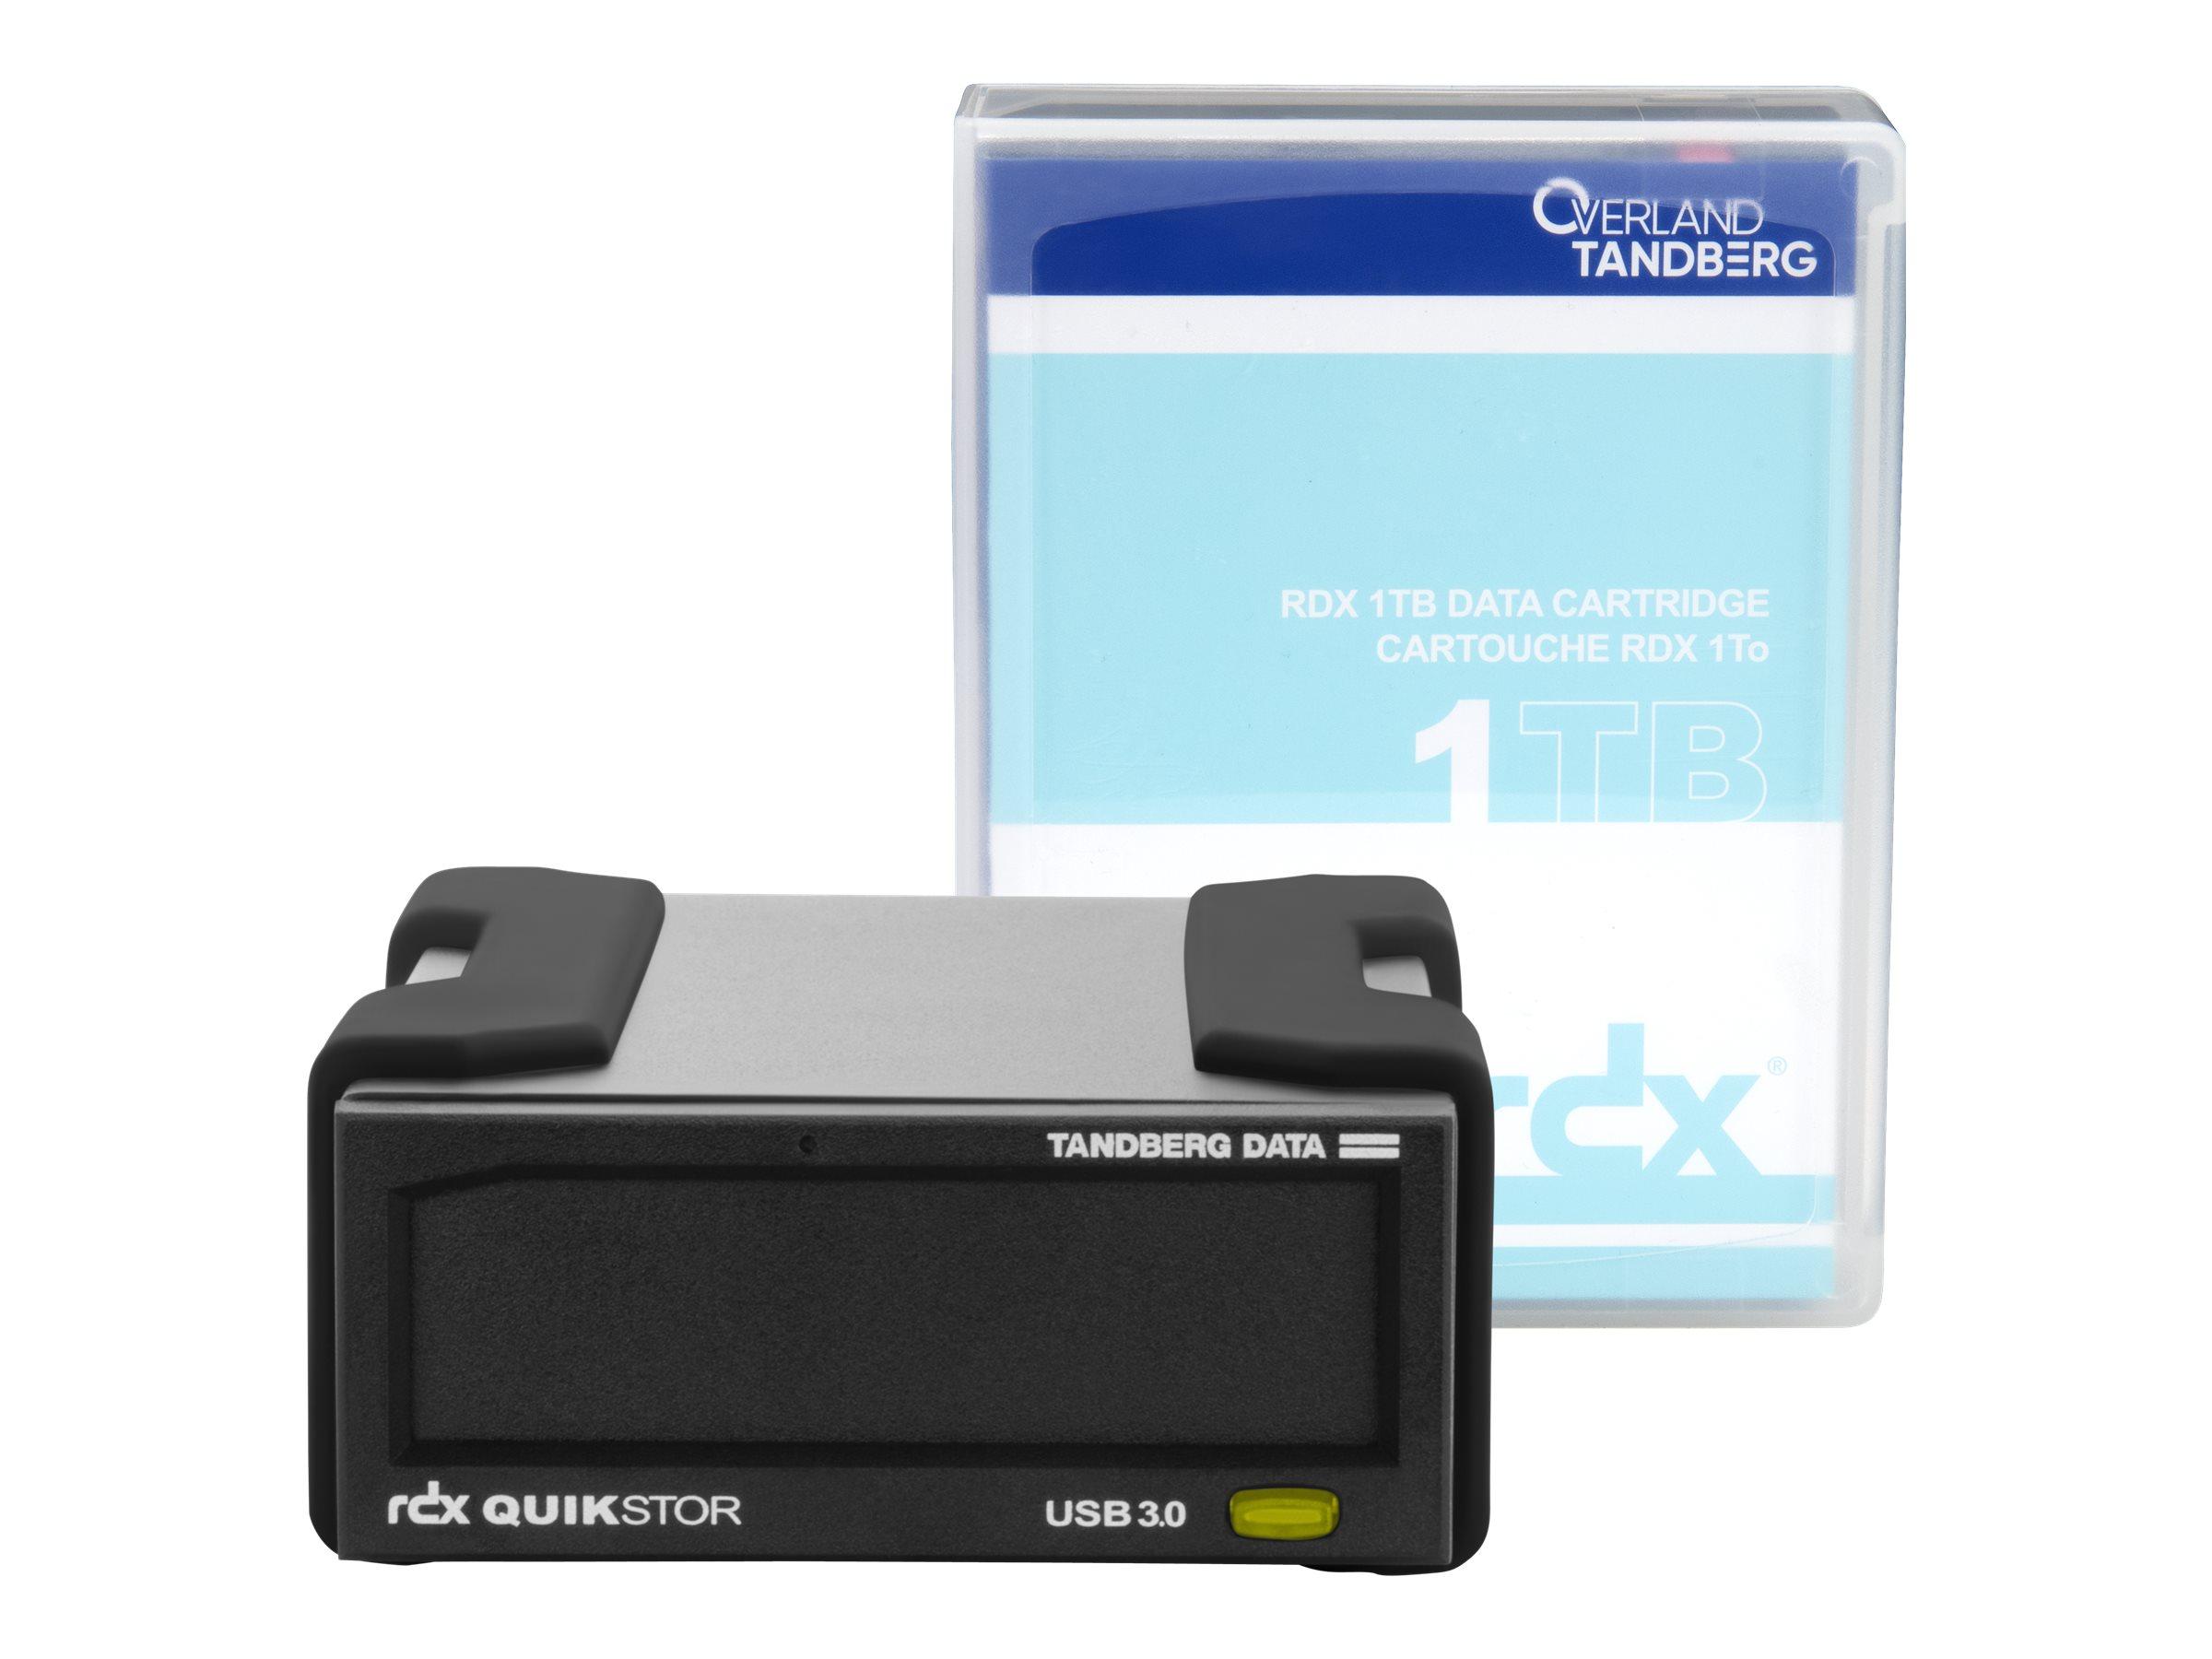 Overland Tandberg RDX QuikStor - Laufwerk - RDX - SuperSpeed USB 3.0 - extern - mit Kartusche mit 1 TB